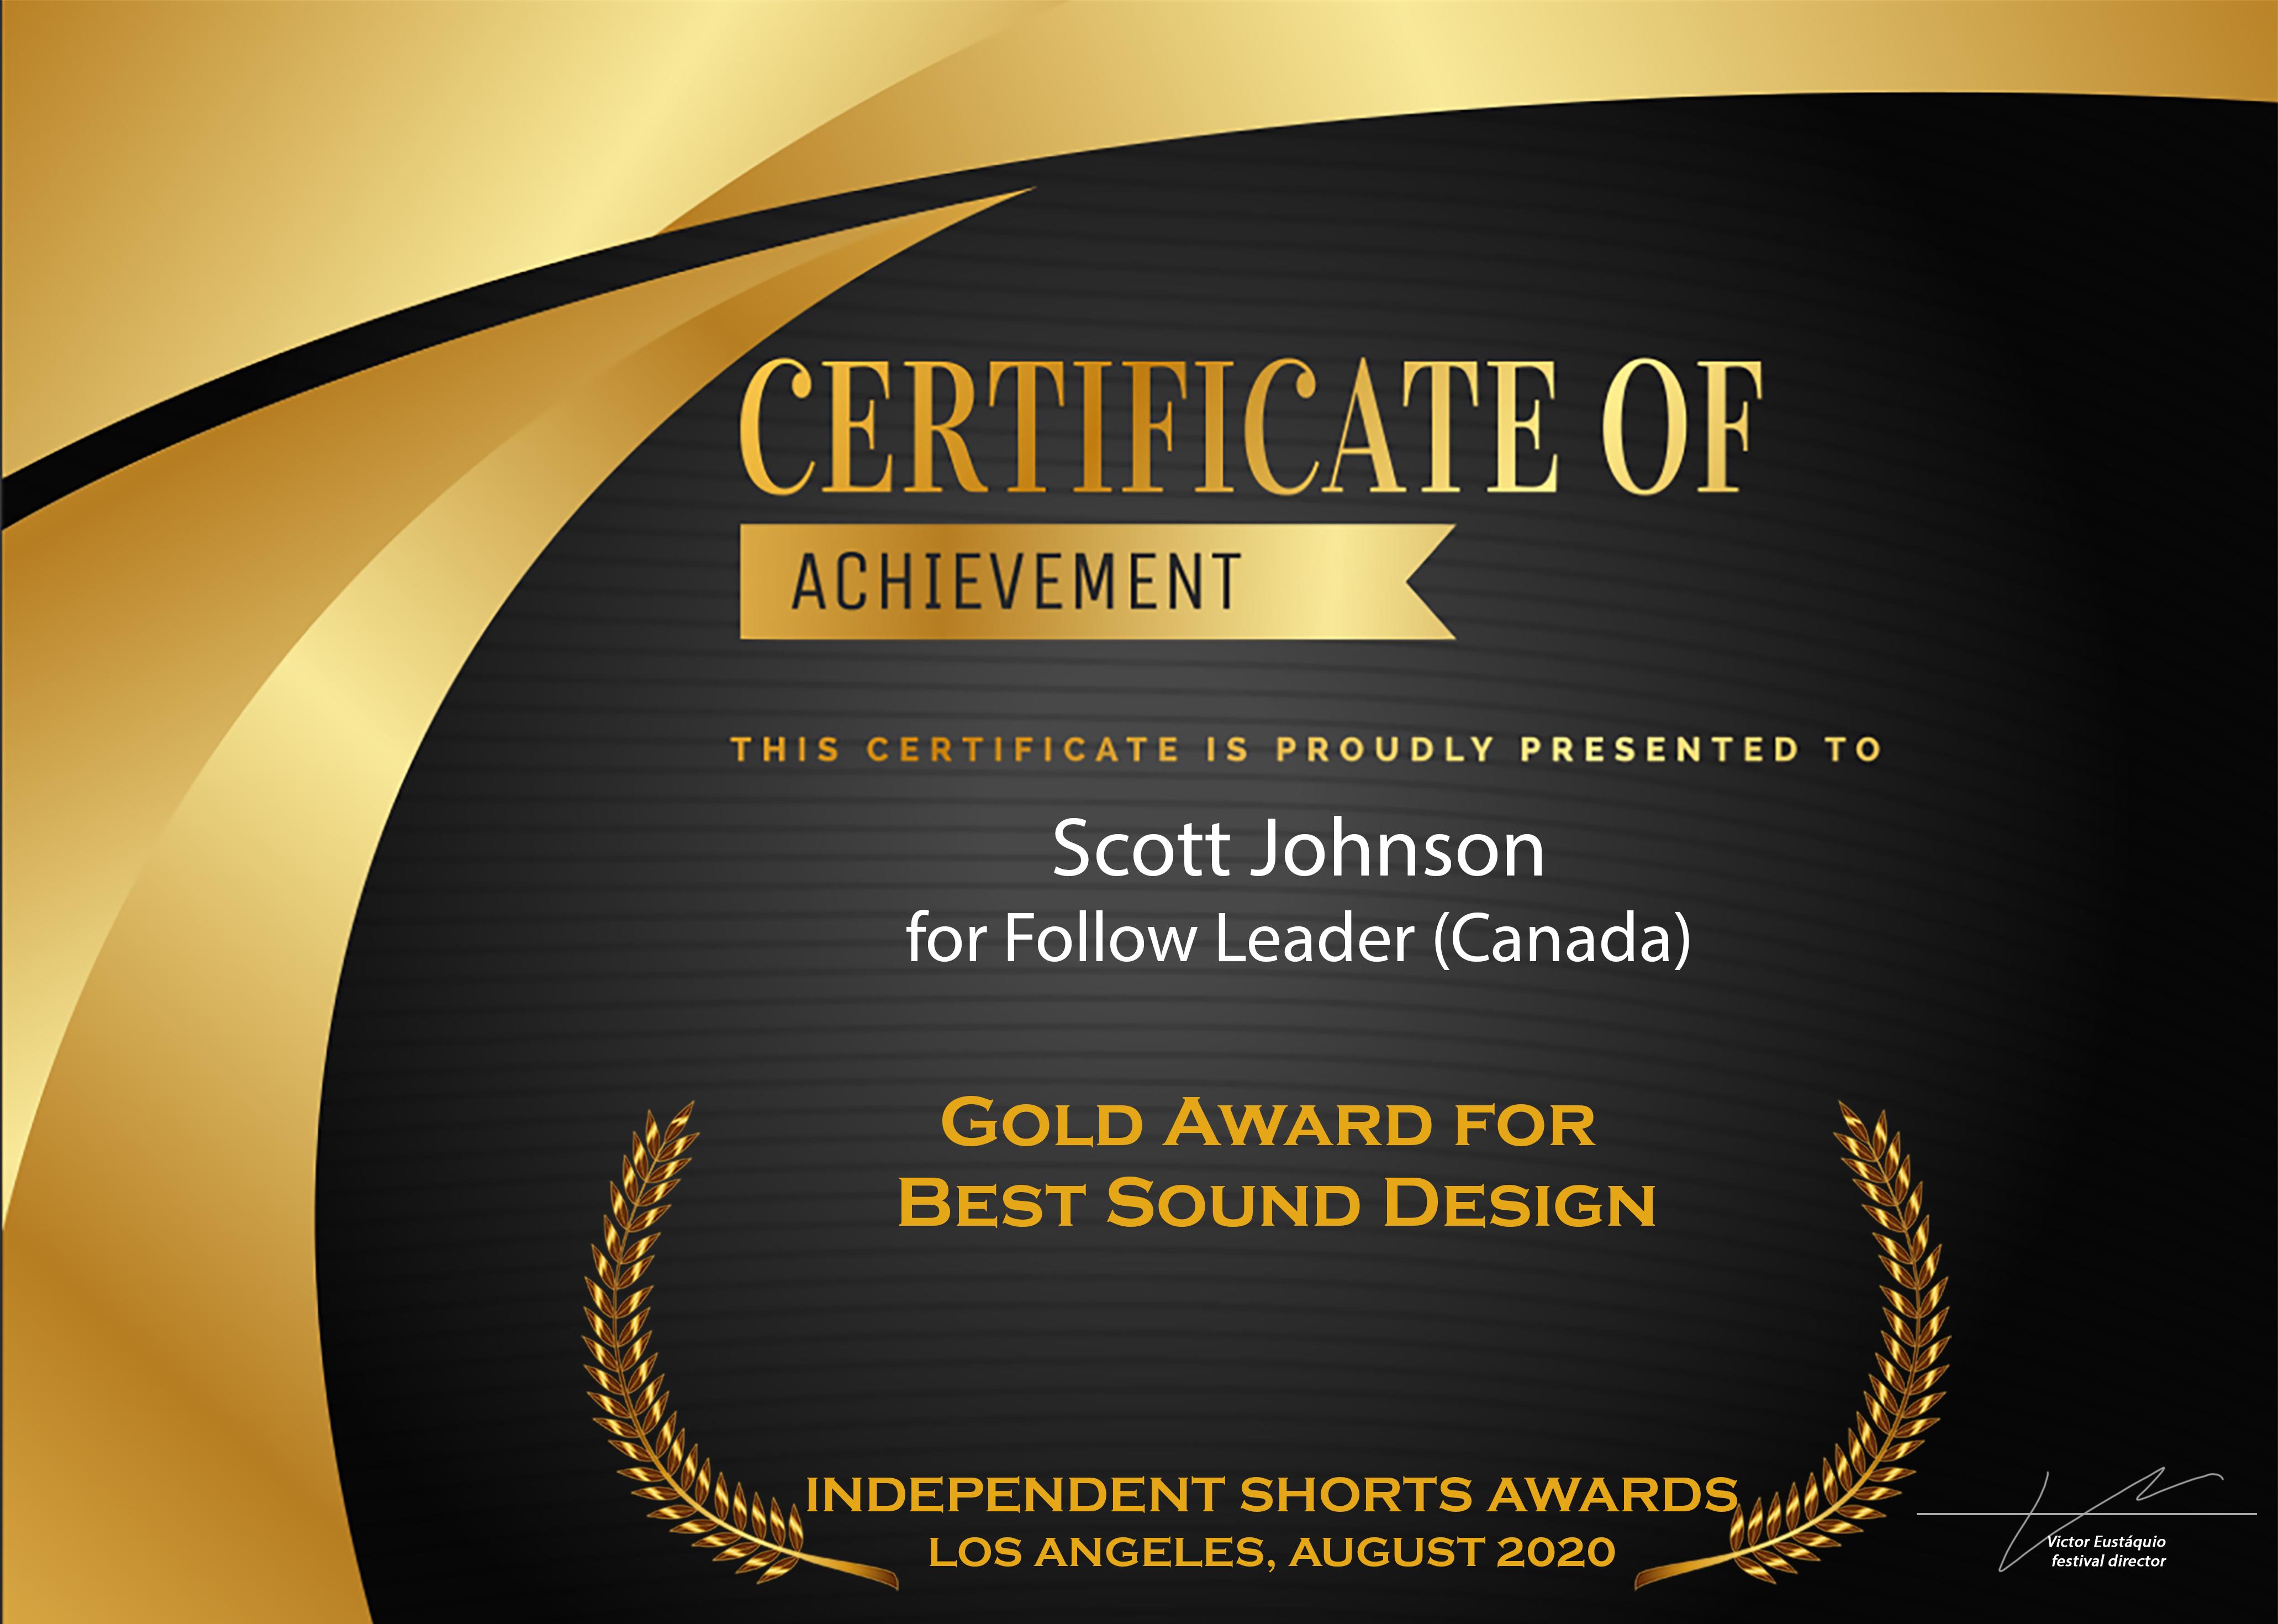 Gold Award - Best Sound Design